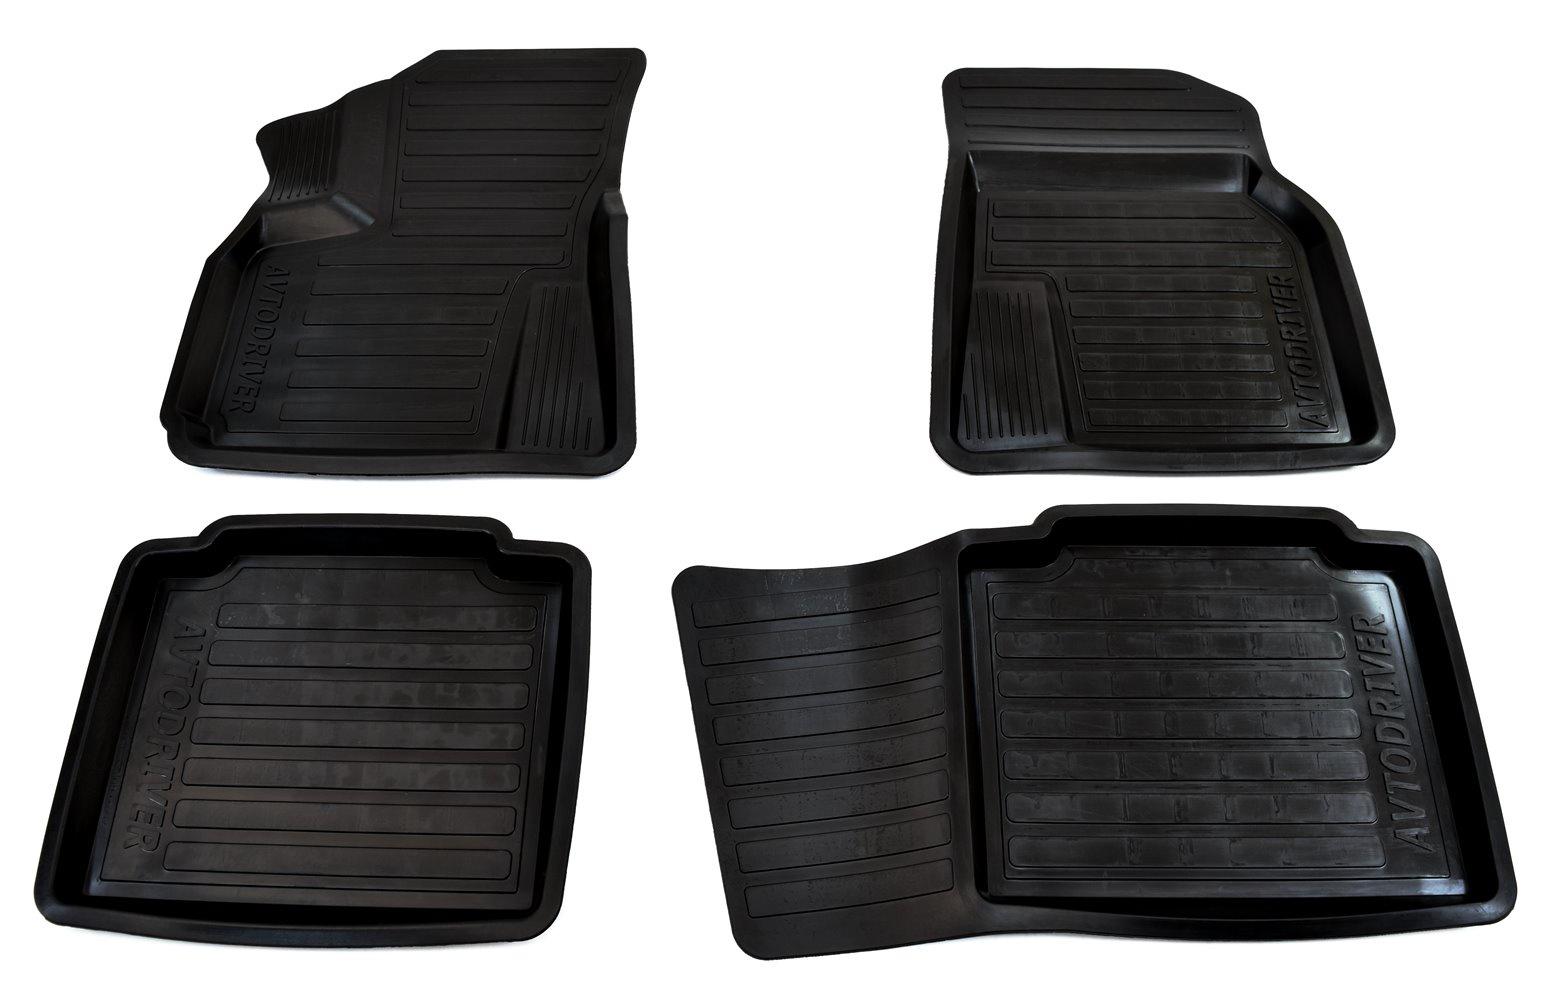 Коврики салона Avtodriver для Lifan Х60 (2012-) ADRAVG036, резиновые, с бортиком, черный молдинги green grain 4s 11 13 x60 abs lifan x60